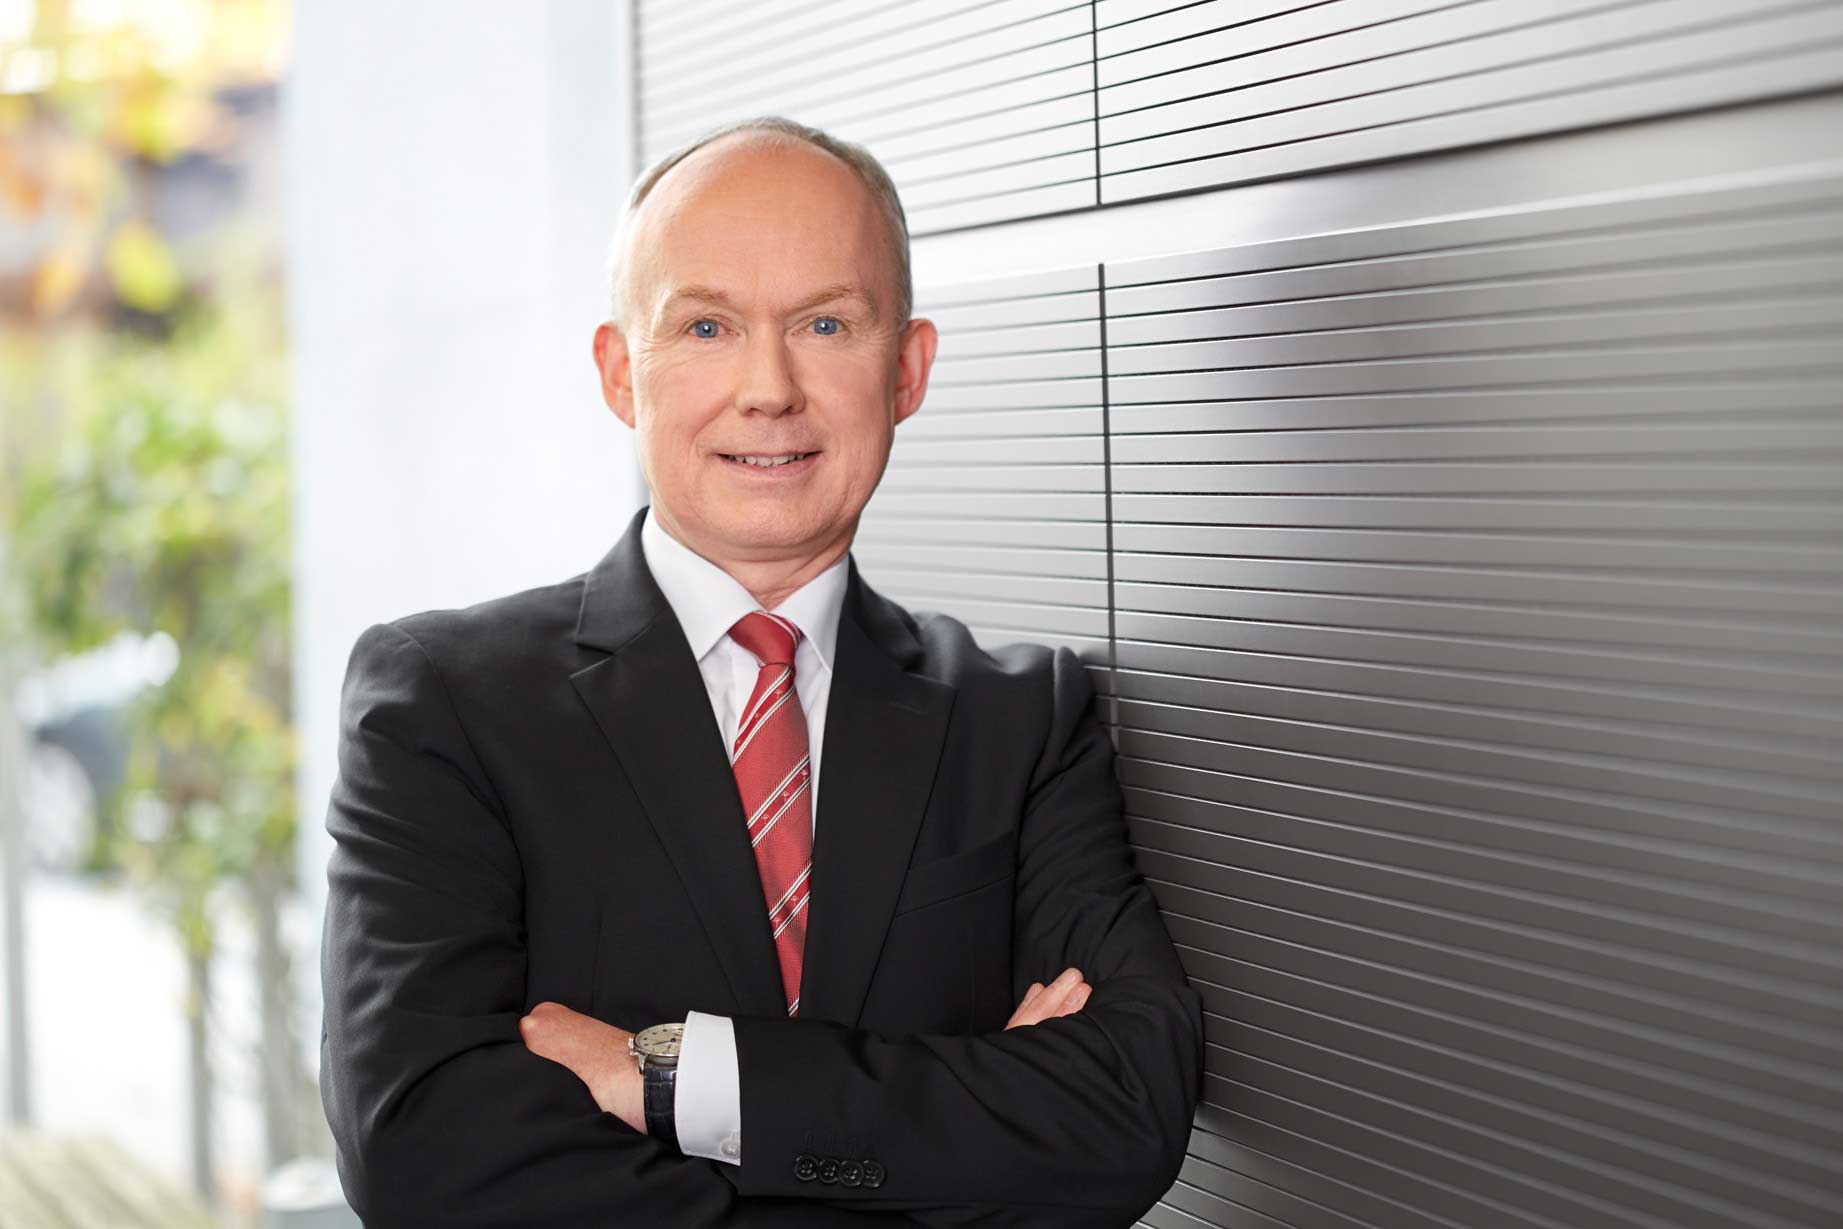 Dr. Matthias Jacob, technischer Geschäftsführer von Wolff & Müller, setzt sich schon länger für die Einführung und Weiterentwicklung von BIM ein. Fotos: Wolff & Müller